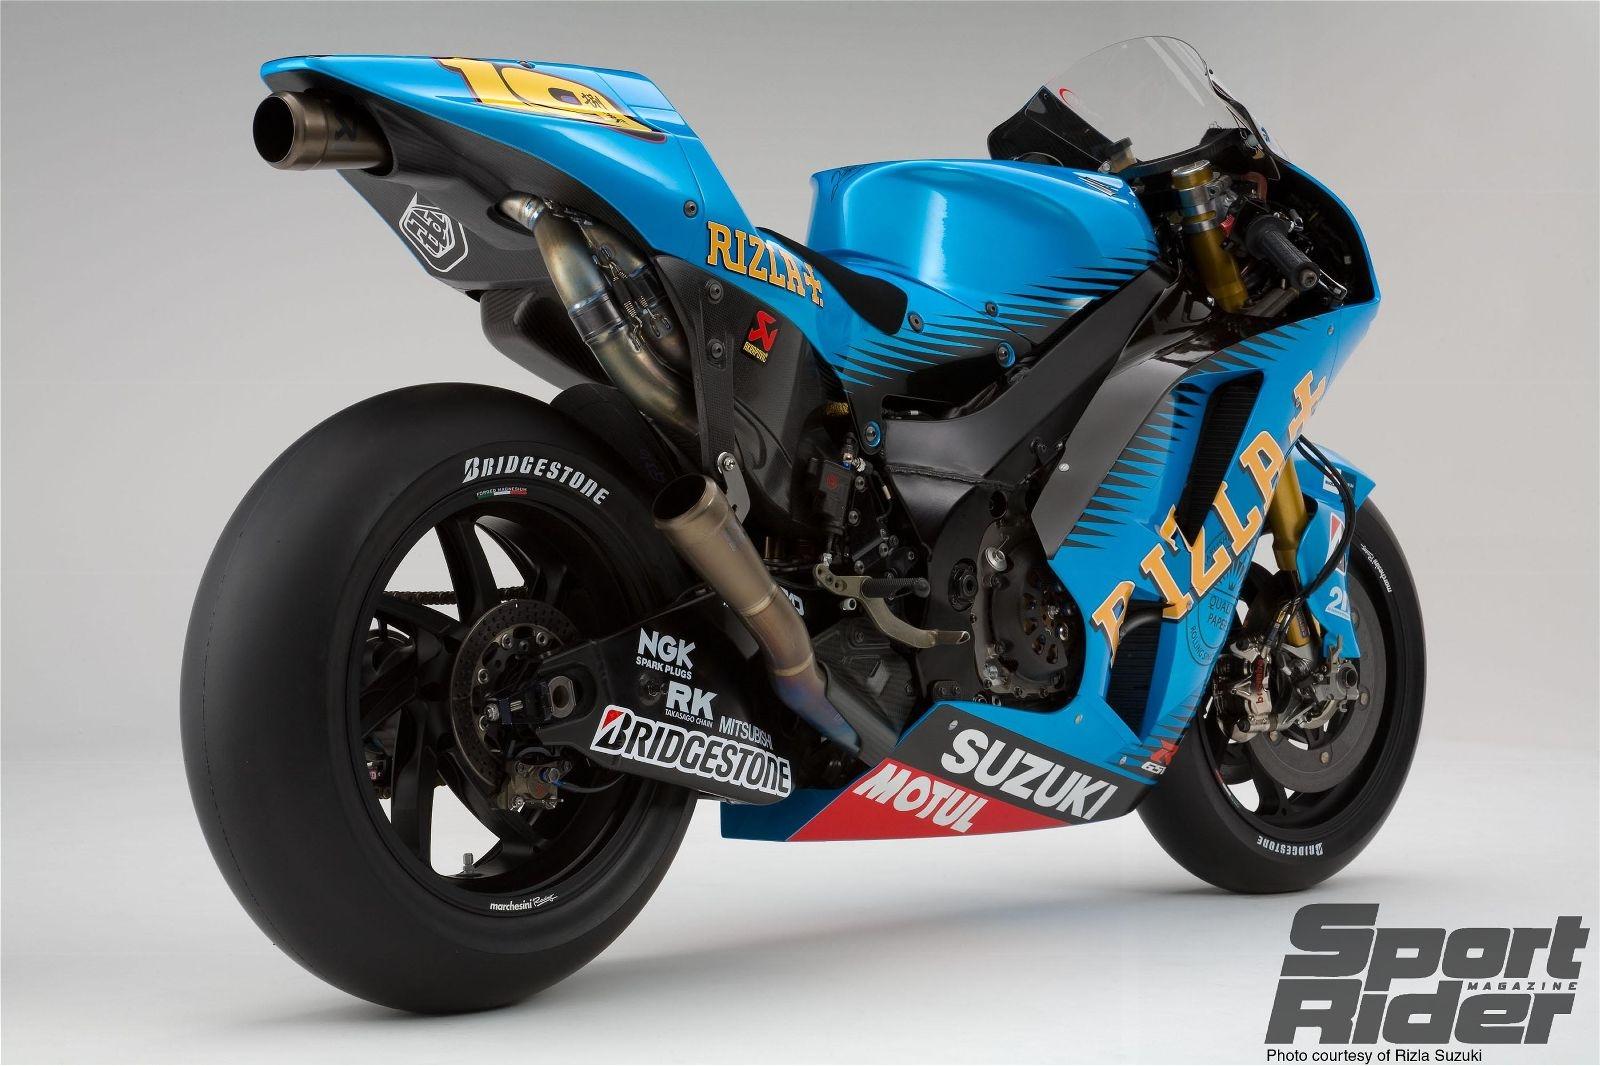 http://2.bp.blogspot.com/-qww-RYMffTo/TcTrOE2LsEI/AAAAAAAADjs/3SpaW5umRVw/s1600/Suzuki-MotoGP-Rizla-wallpaper.jpg